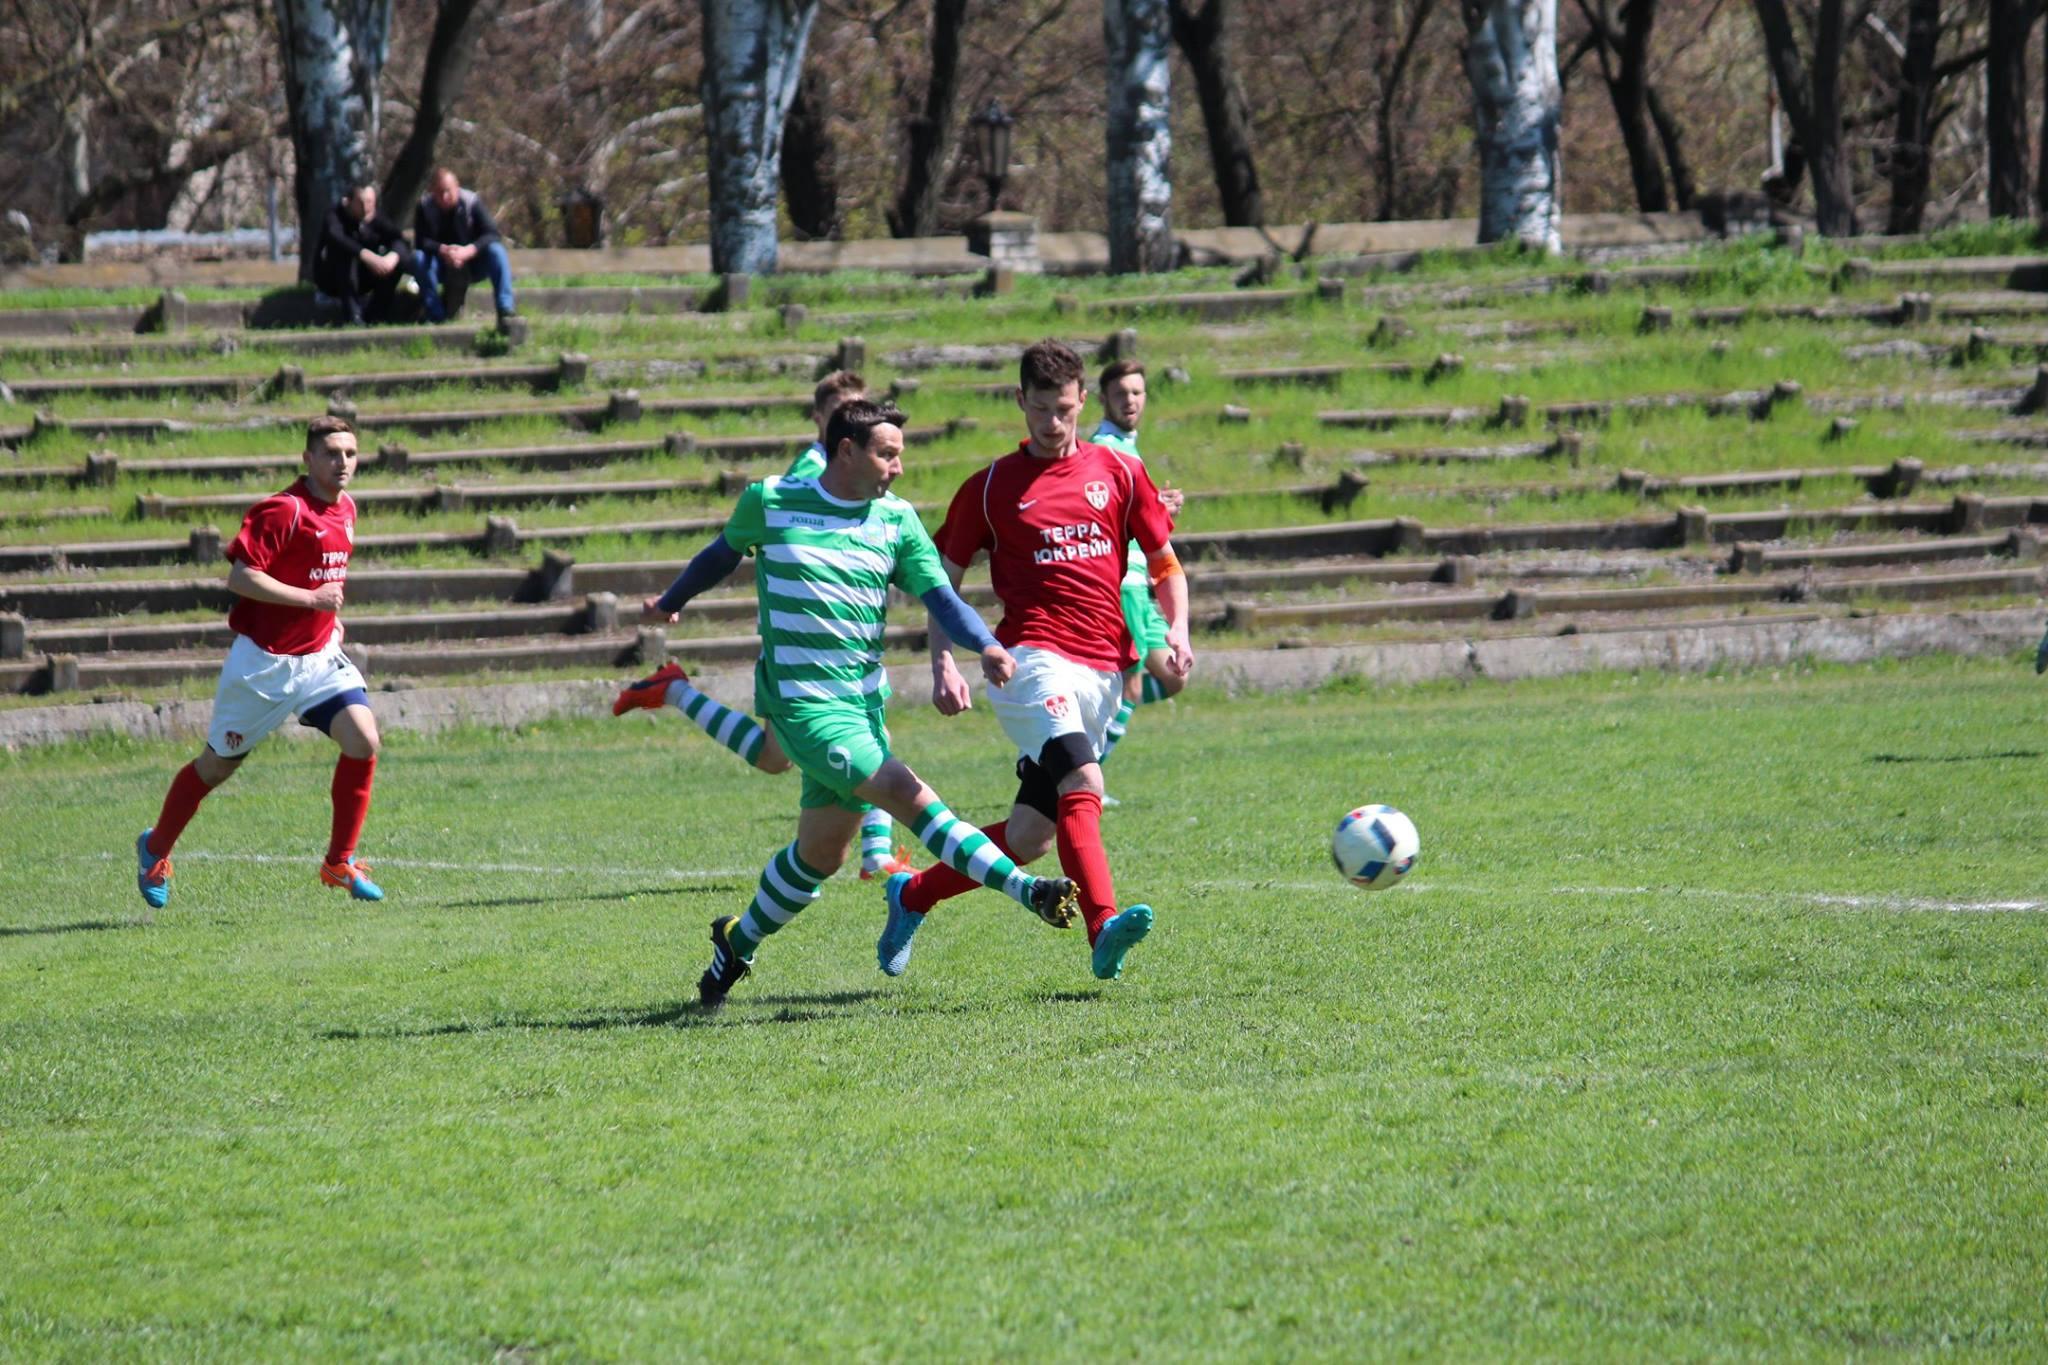 МФК «Кристал» Херсон розпочав Чемпіонат Херсонської області з футболу з перемоги